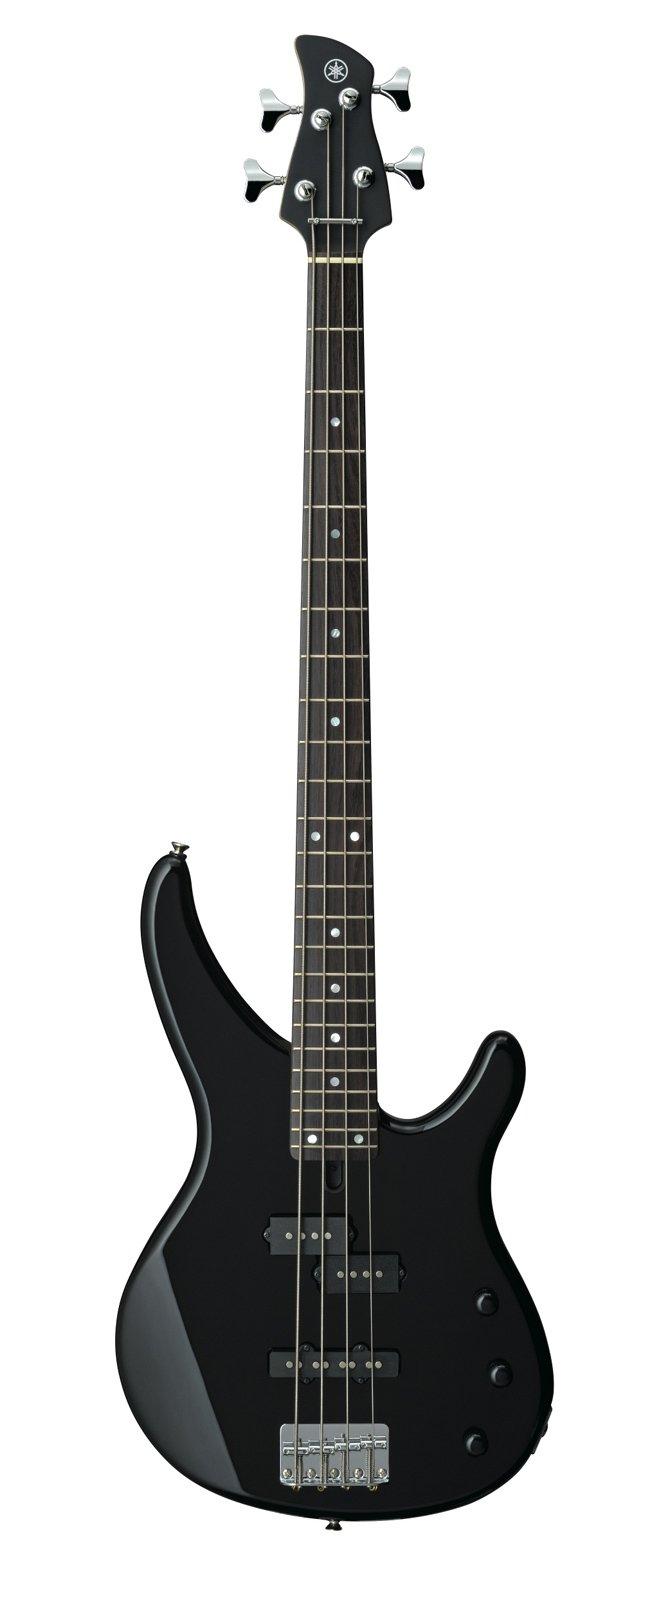 Yamaha TRBX174?basso elettrico, colore nero